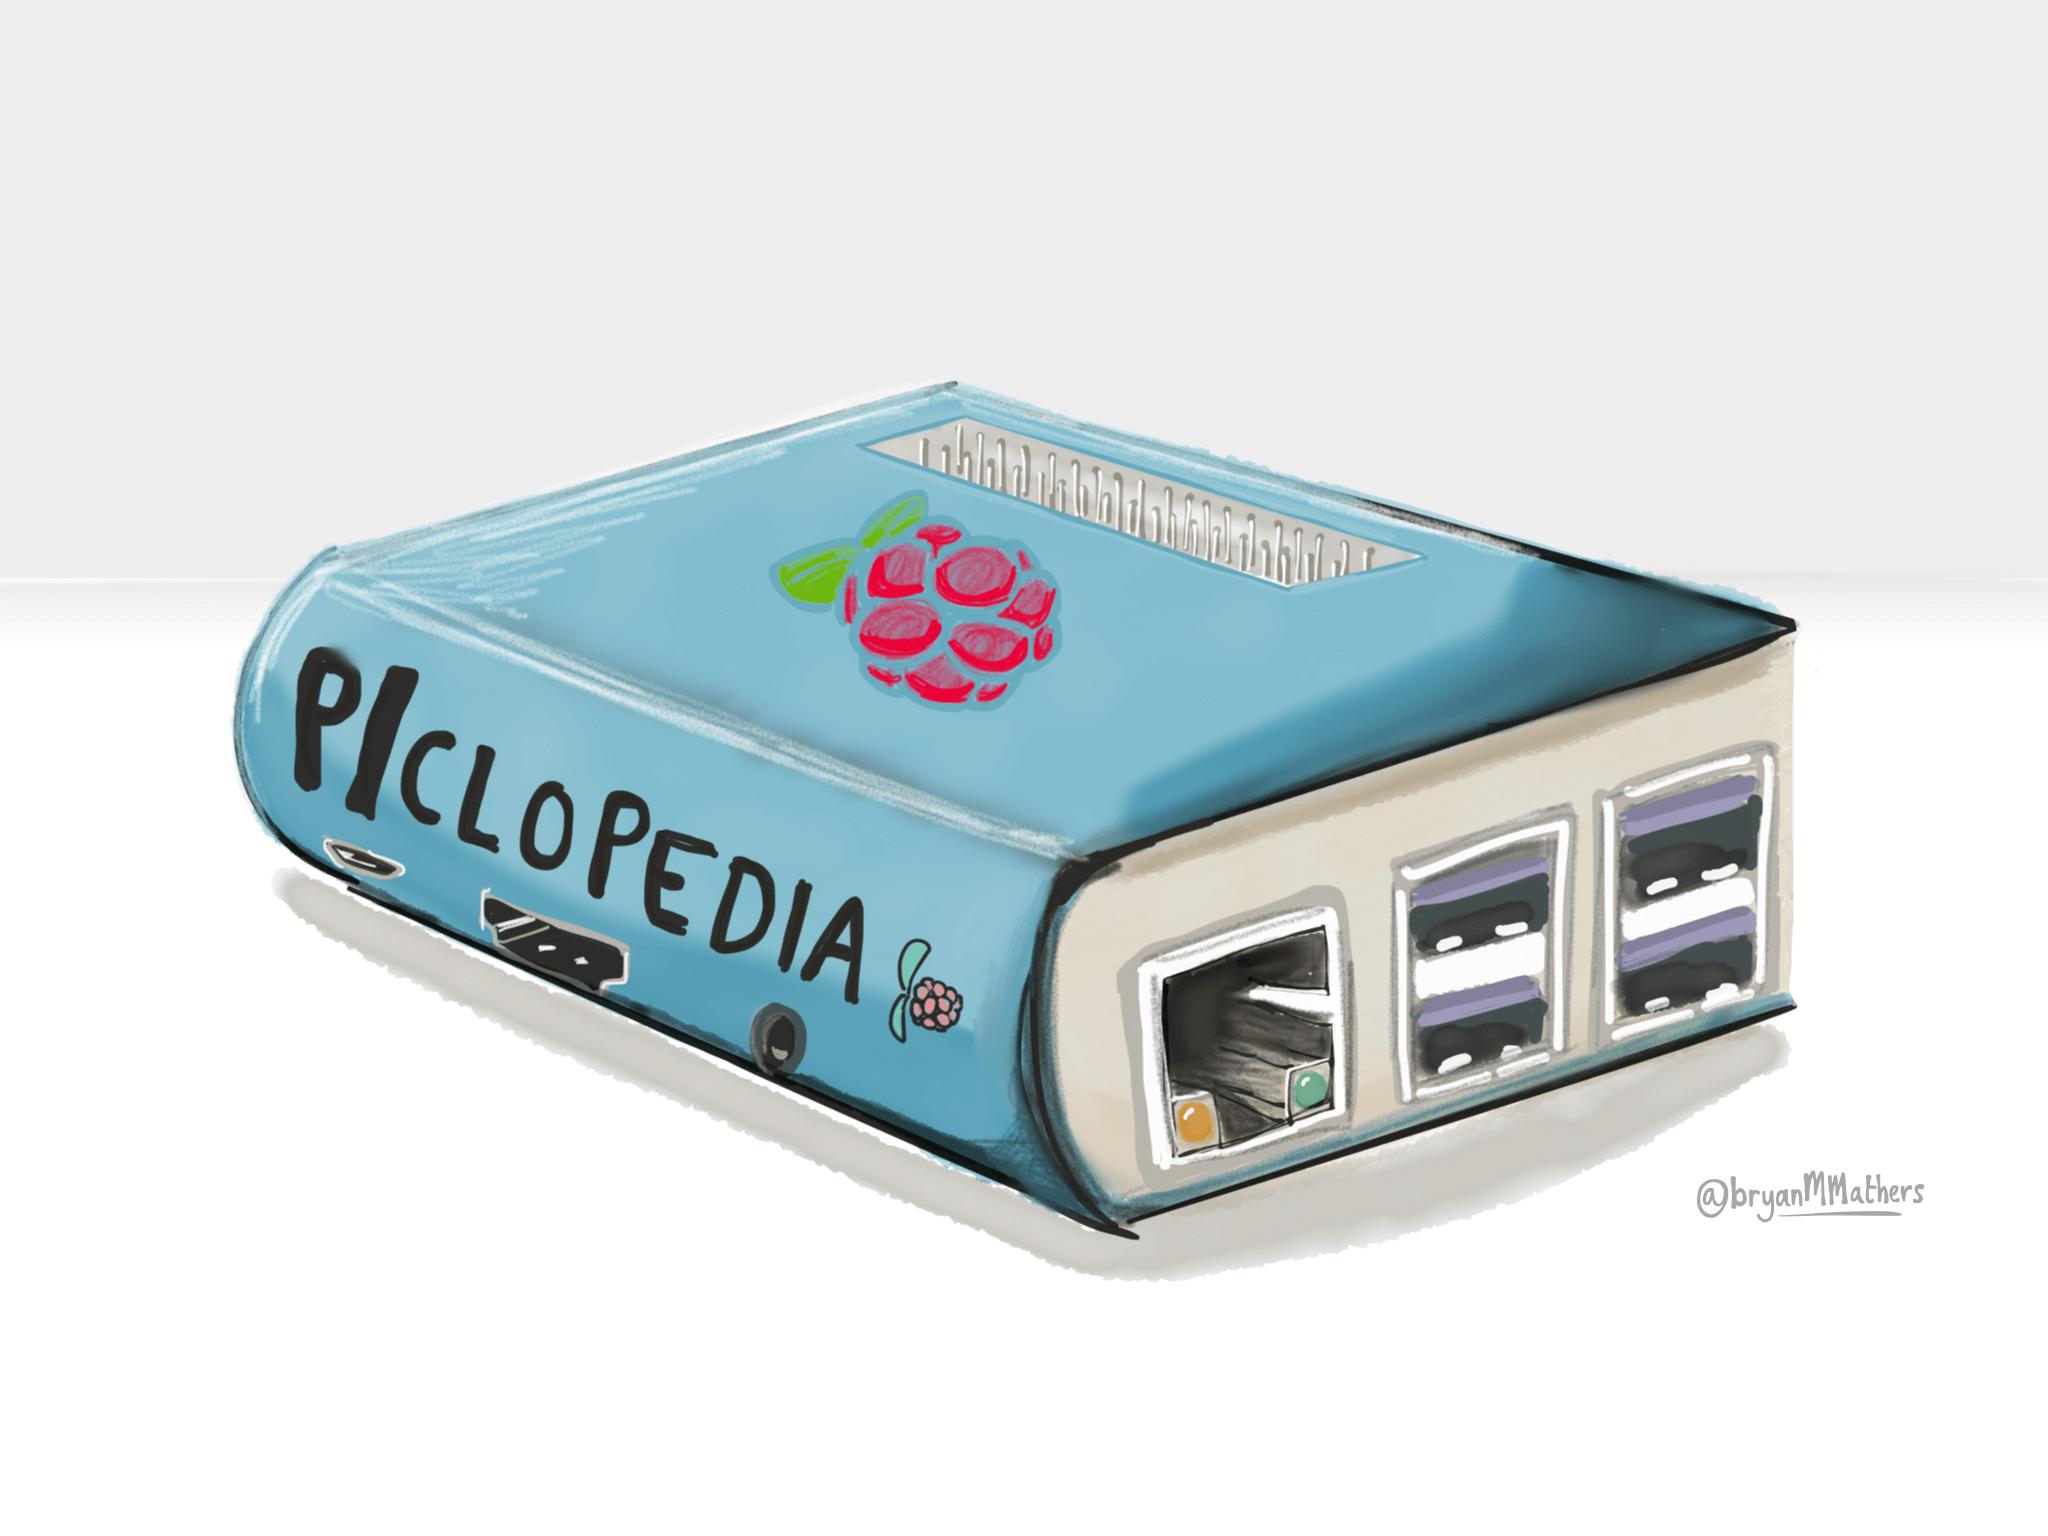 pi-clopedia